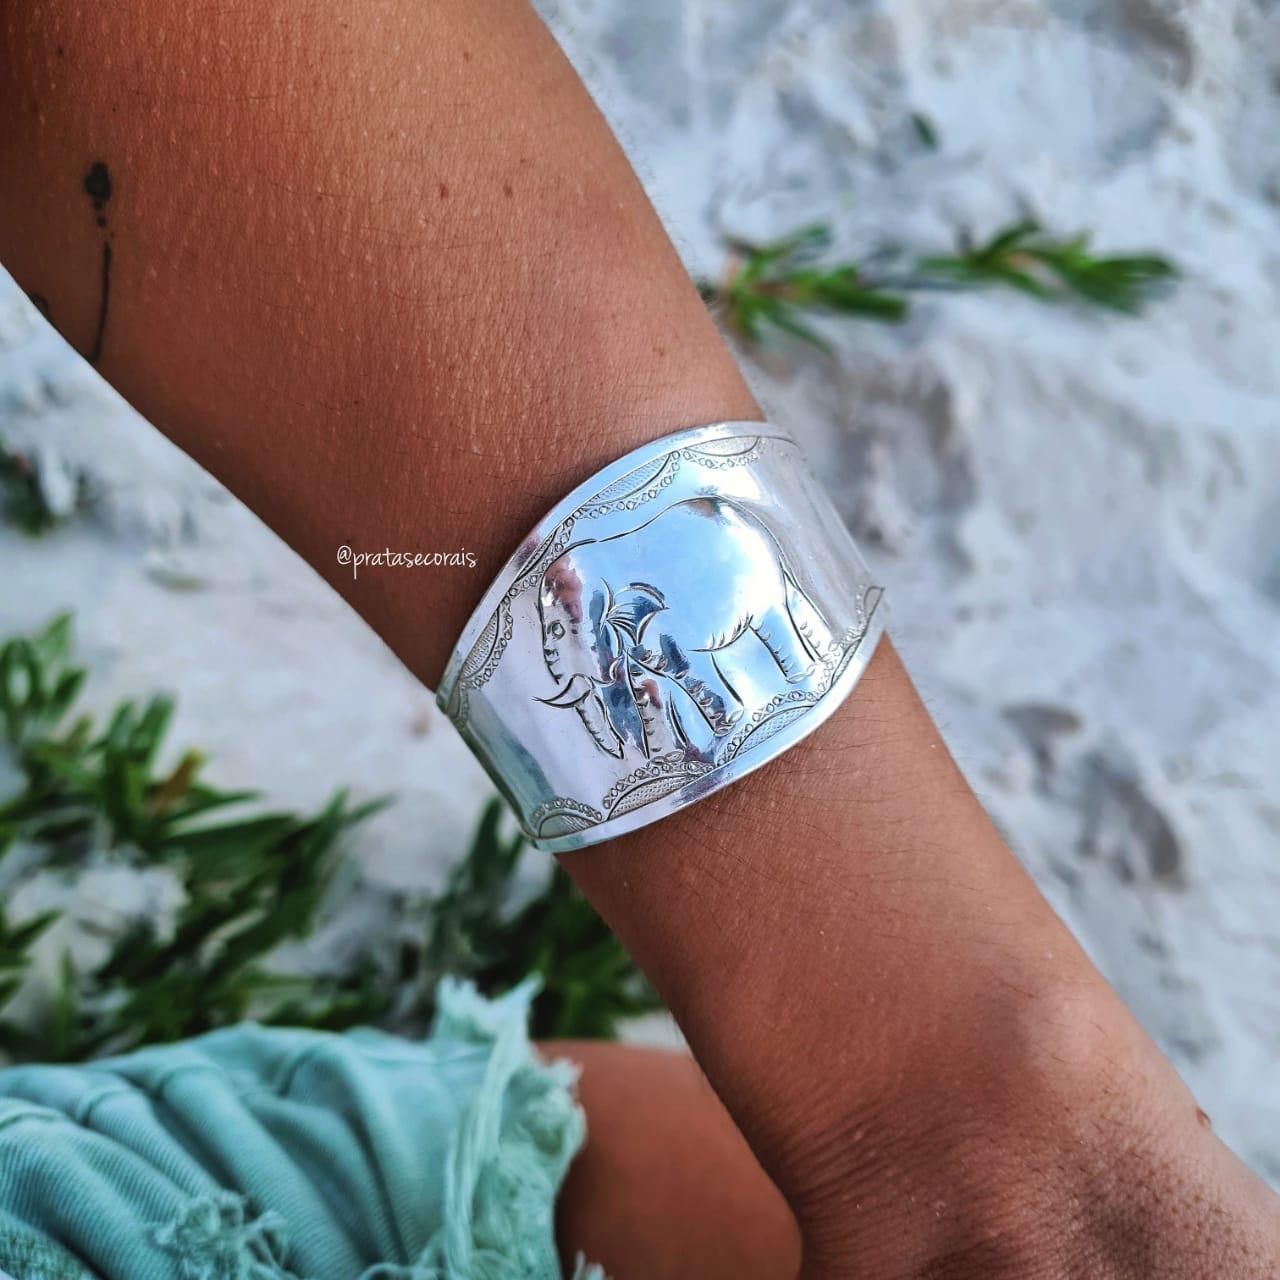 Bracelete de Prata Liso com Elefante